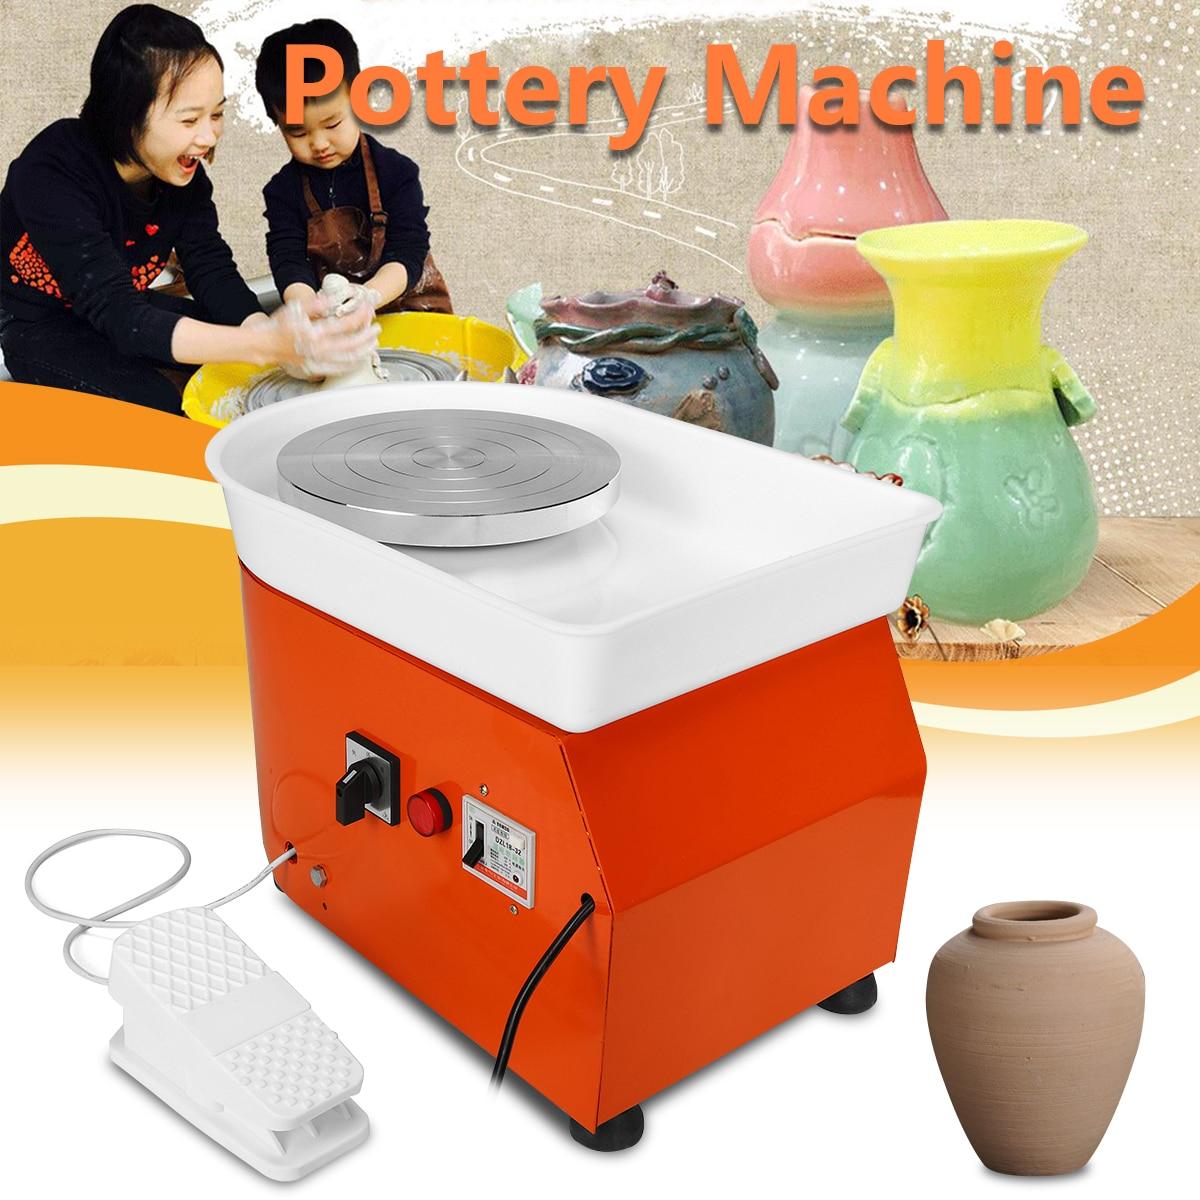 Pied Flexible pédale poterie roue Machine 25 cm AC 220 V 250 W céramique travail céramique argile Art EU/AU/US avec Mobile lisse à faible bruit